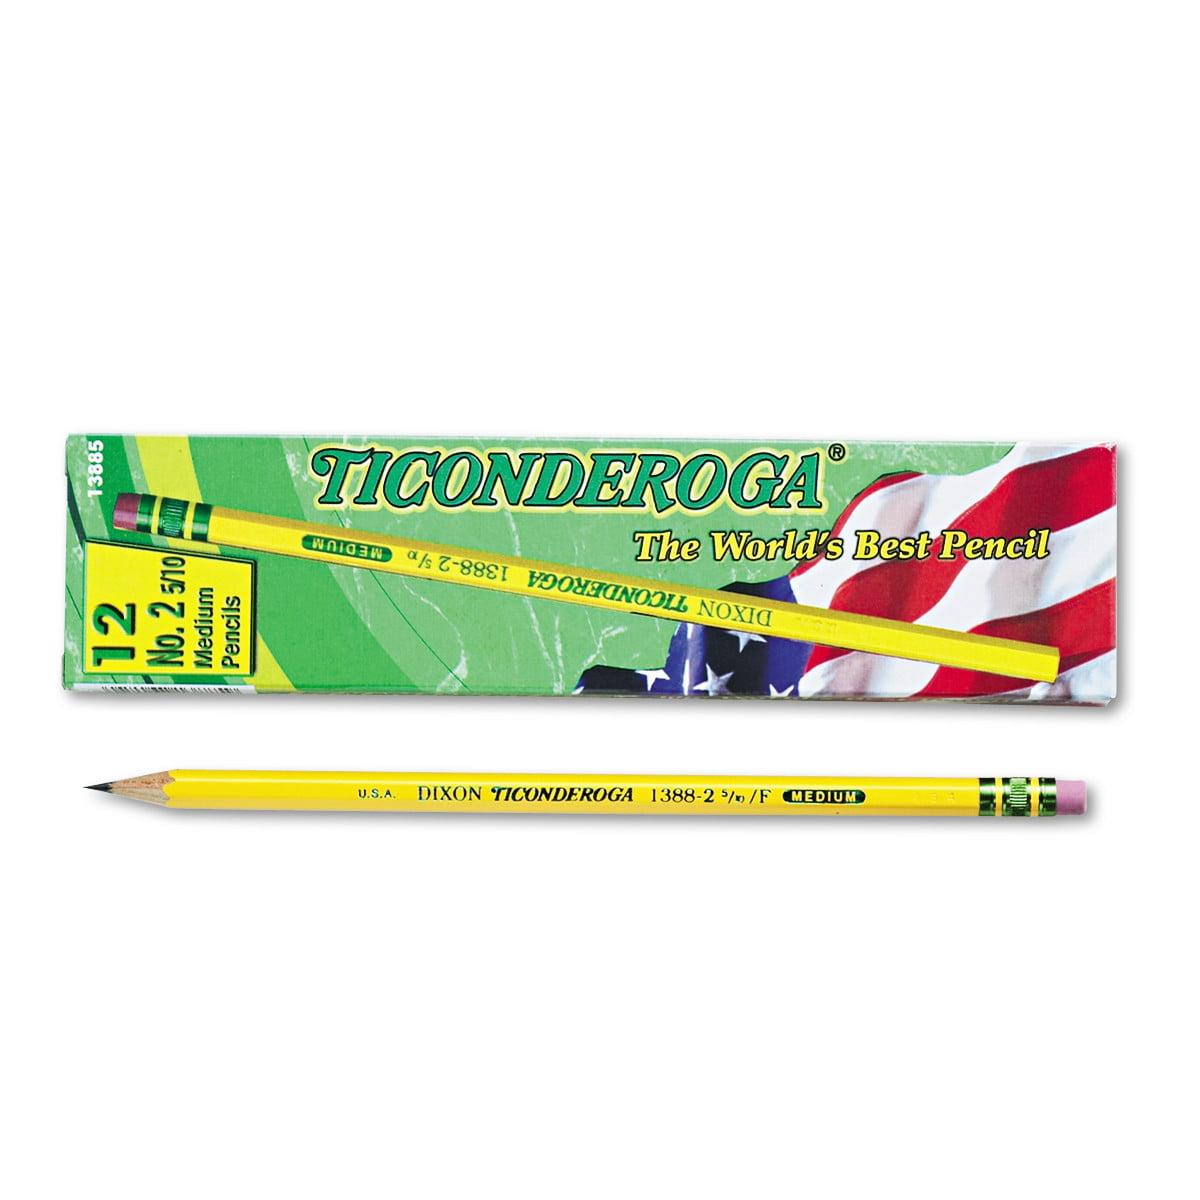 Ticonderoga Woodcase Pencil, F #2.5, Yellow, Dozen -DIX13885